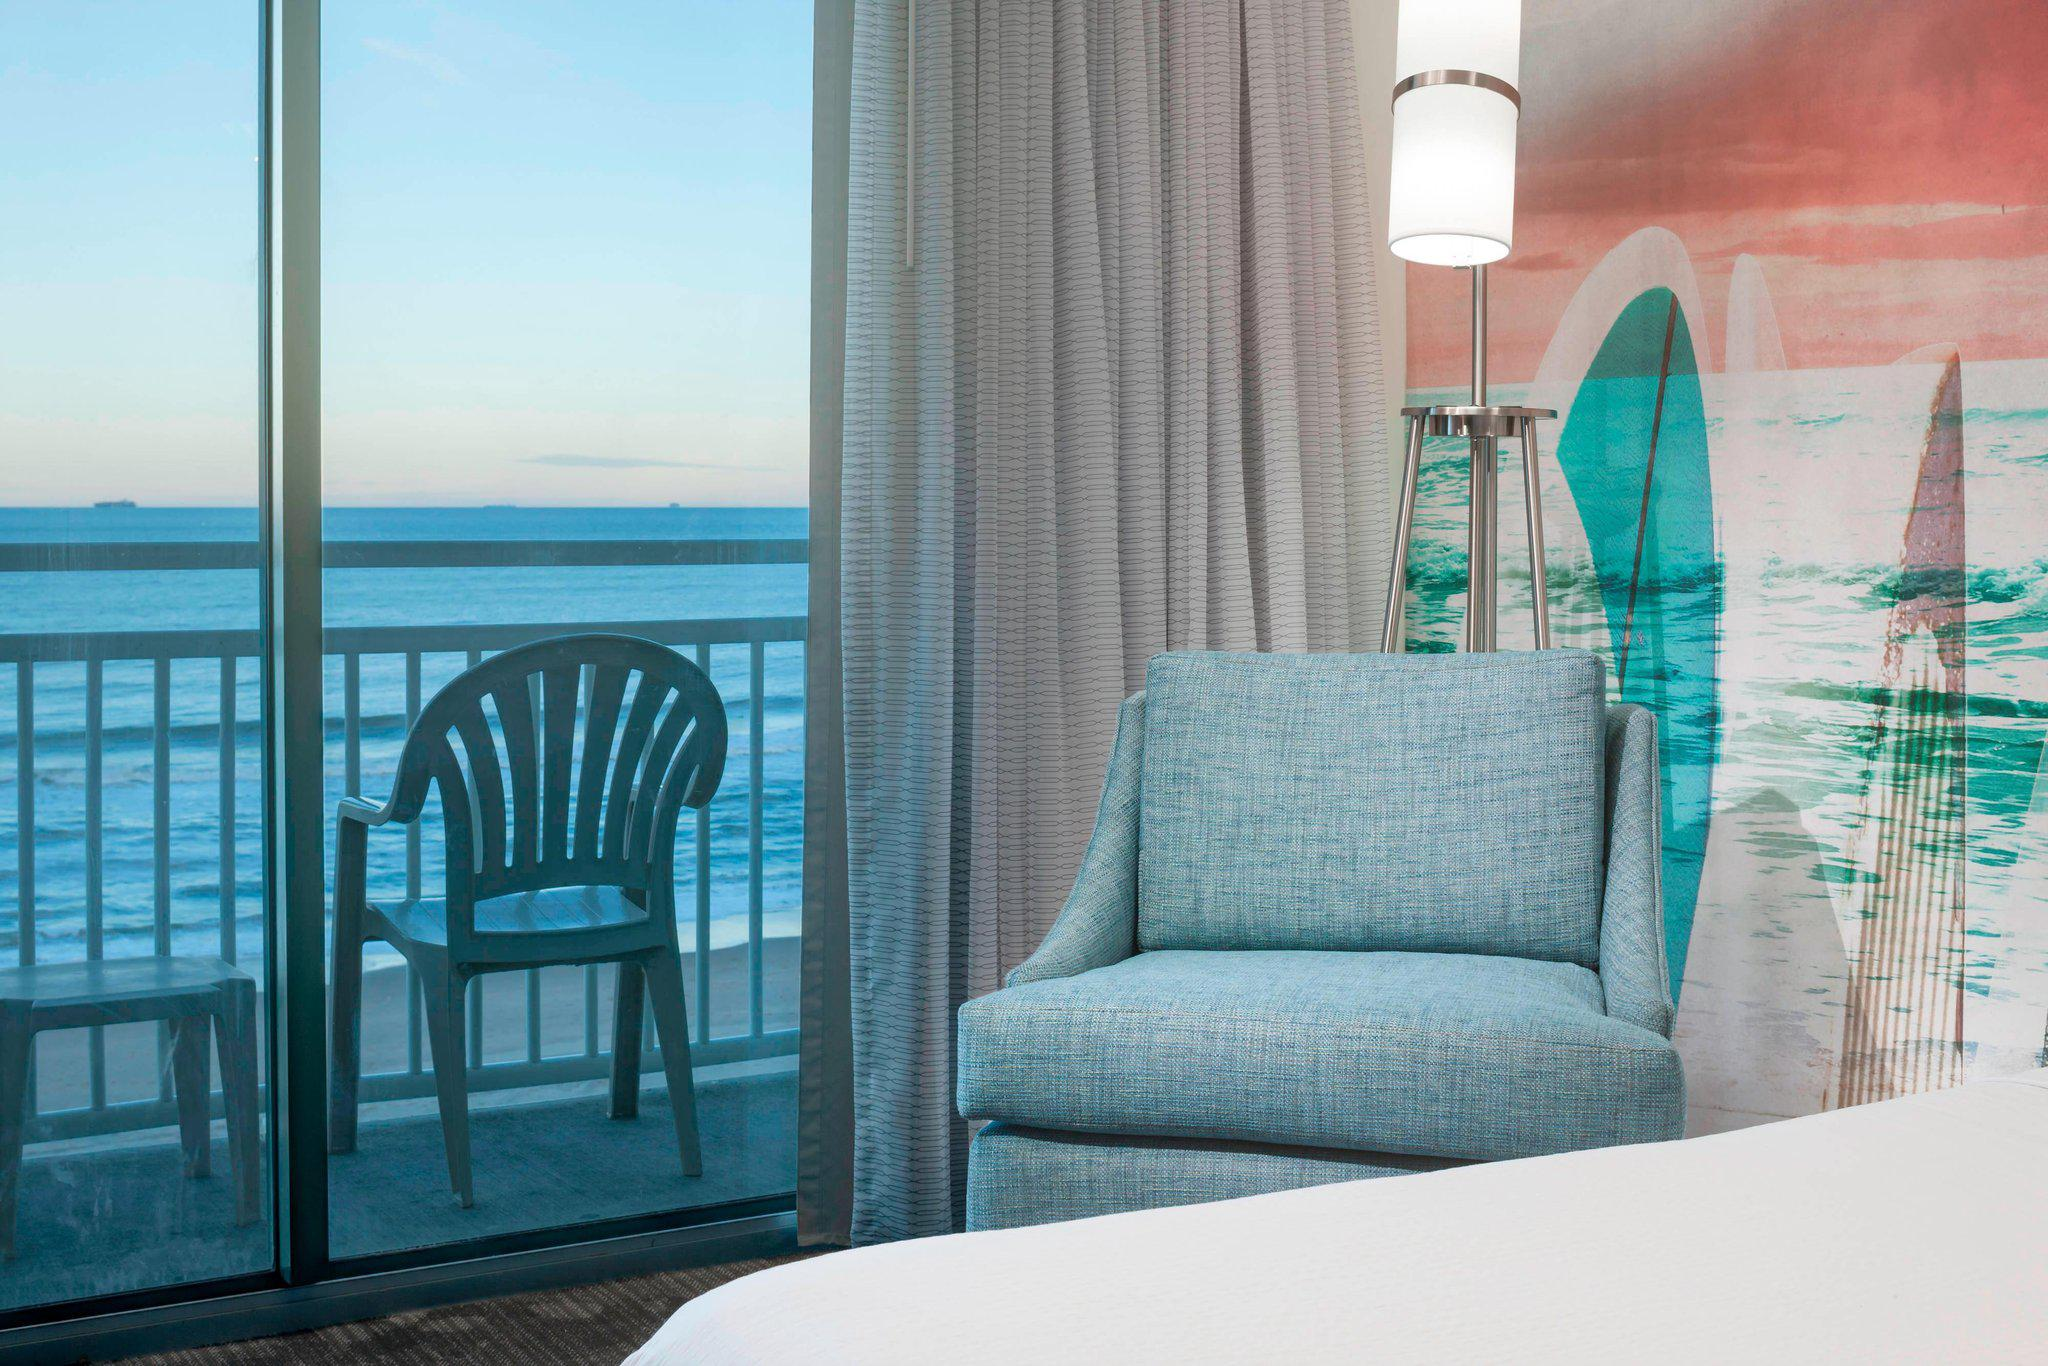 Courtyard by Marriott Virginia Beach Oceanfront/South